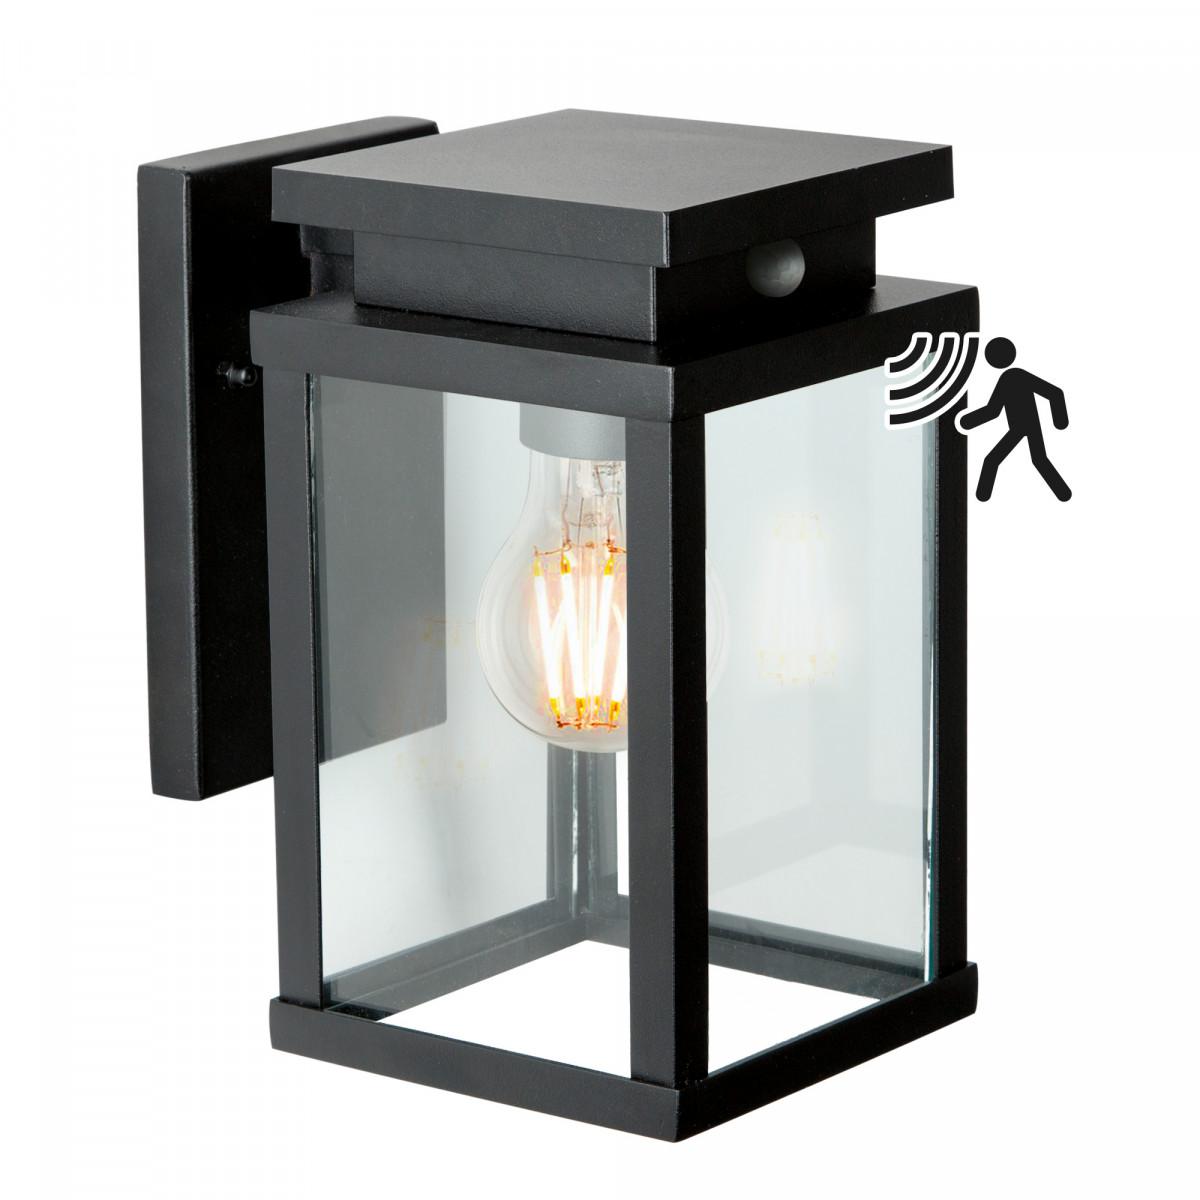 wandlamp jersey met sensor, strak klassiek stijlvol vormgegeven buitenlamp met bewegingssensor, buitenverlichting met bewegingsmelder van KS Verlichting